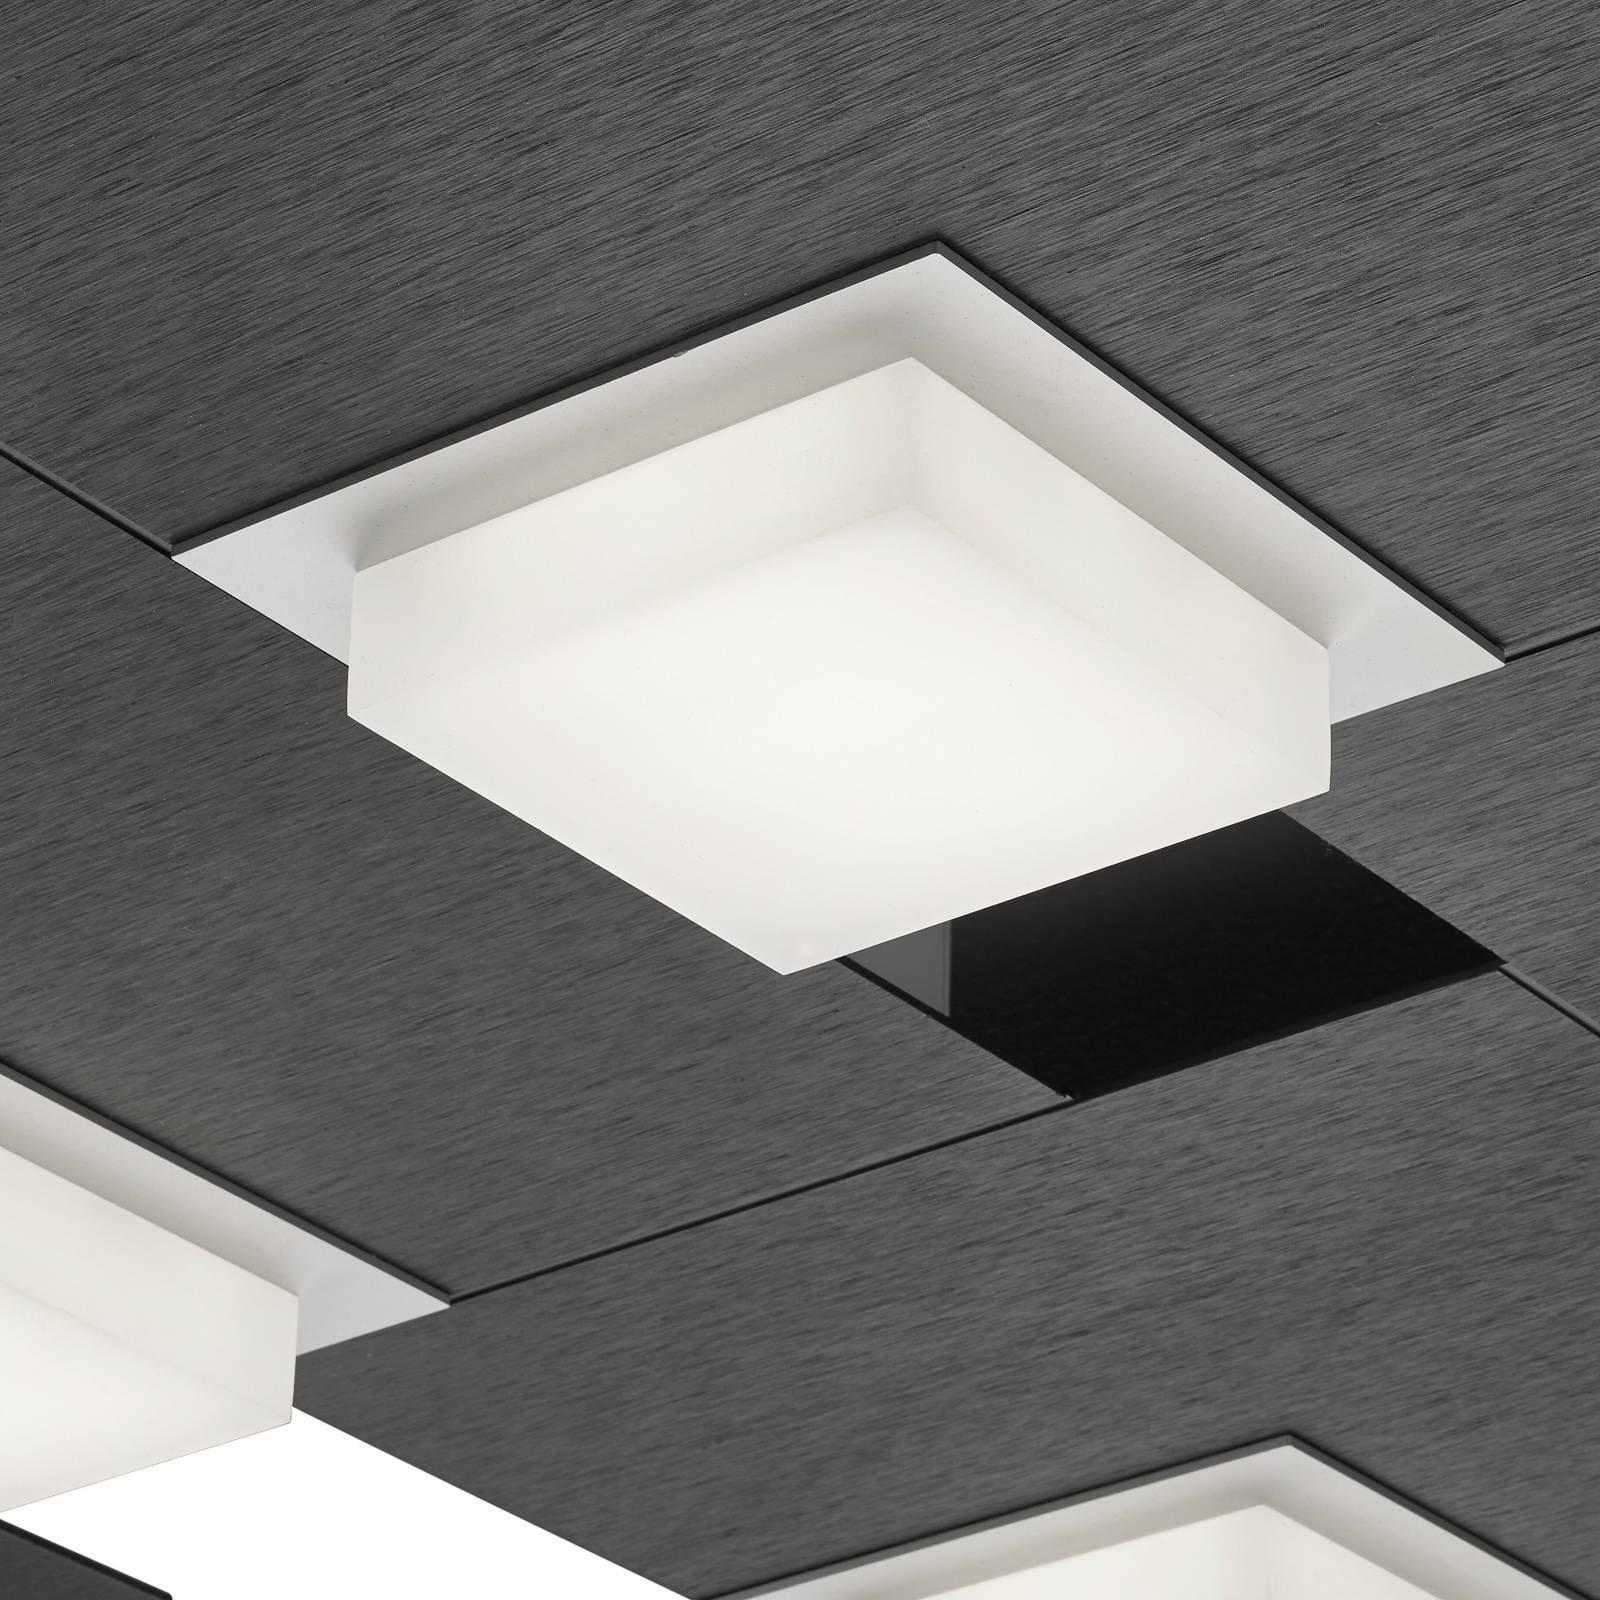 BANKAMP Quadro LED-taklampe 64 W antrasitt